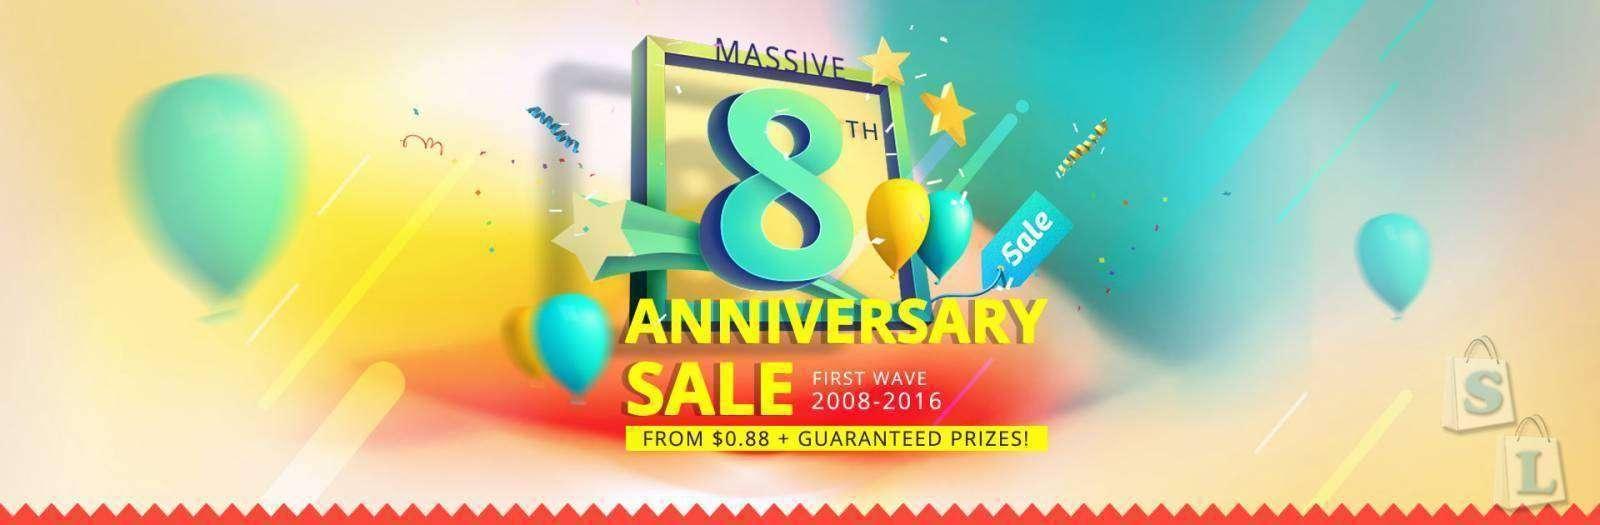 EverBuying: Everbuying.net - 8 лет, распродажи, купоны и подарки!!!